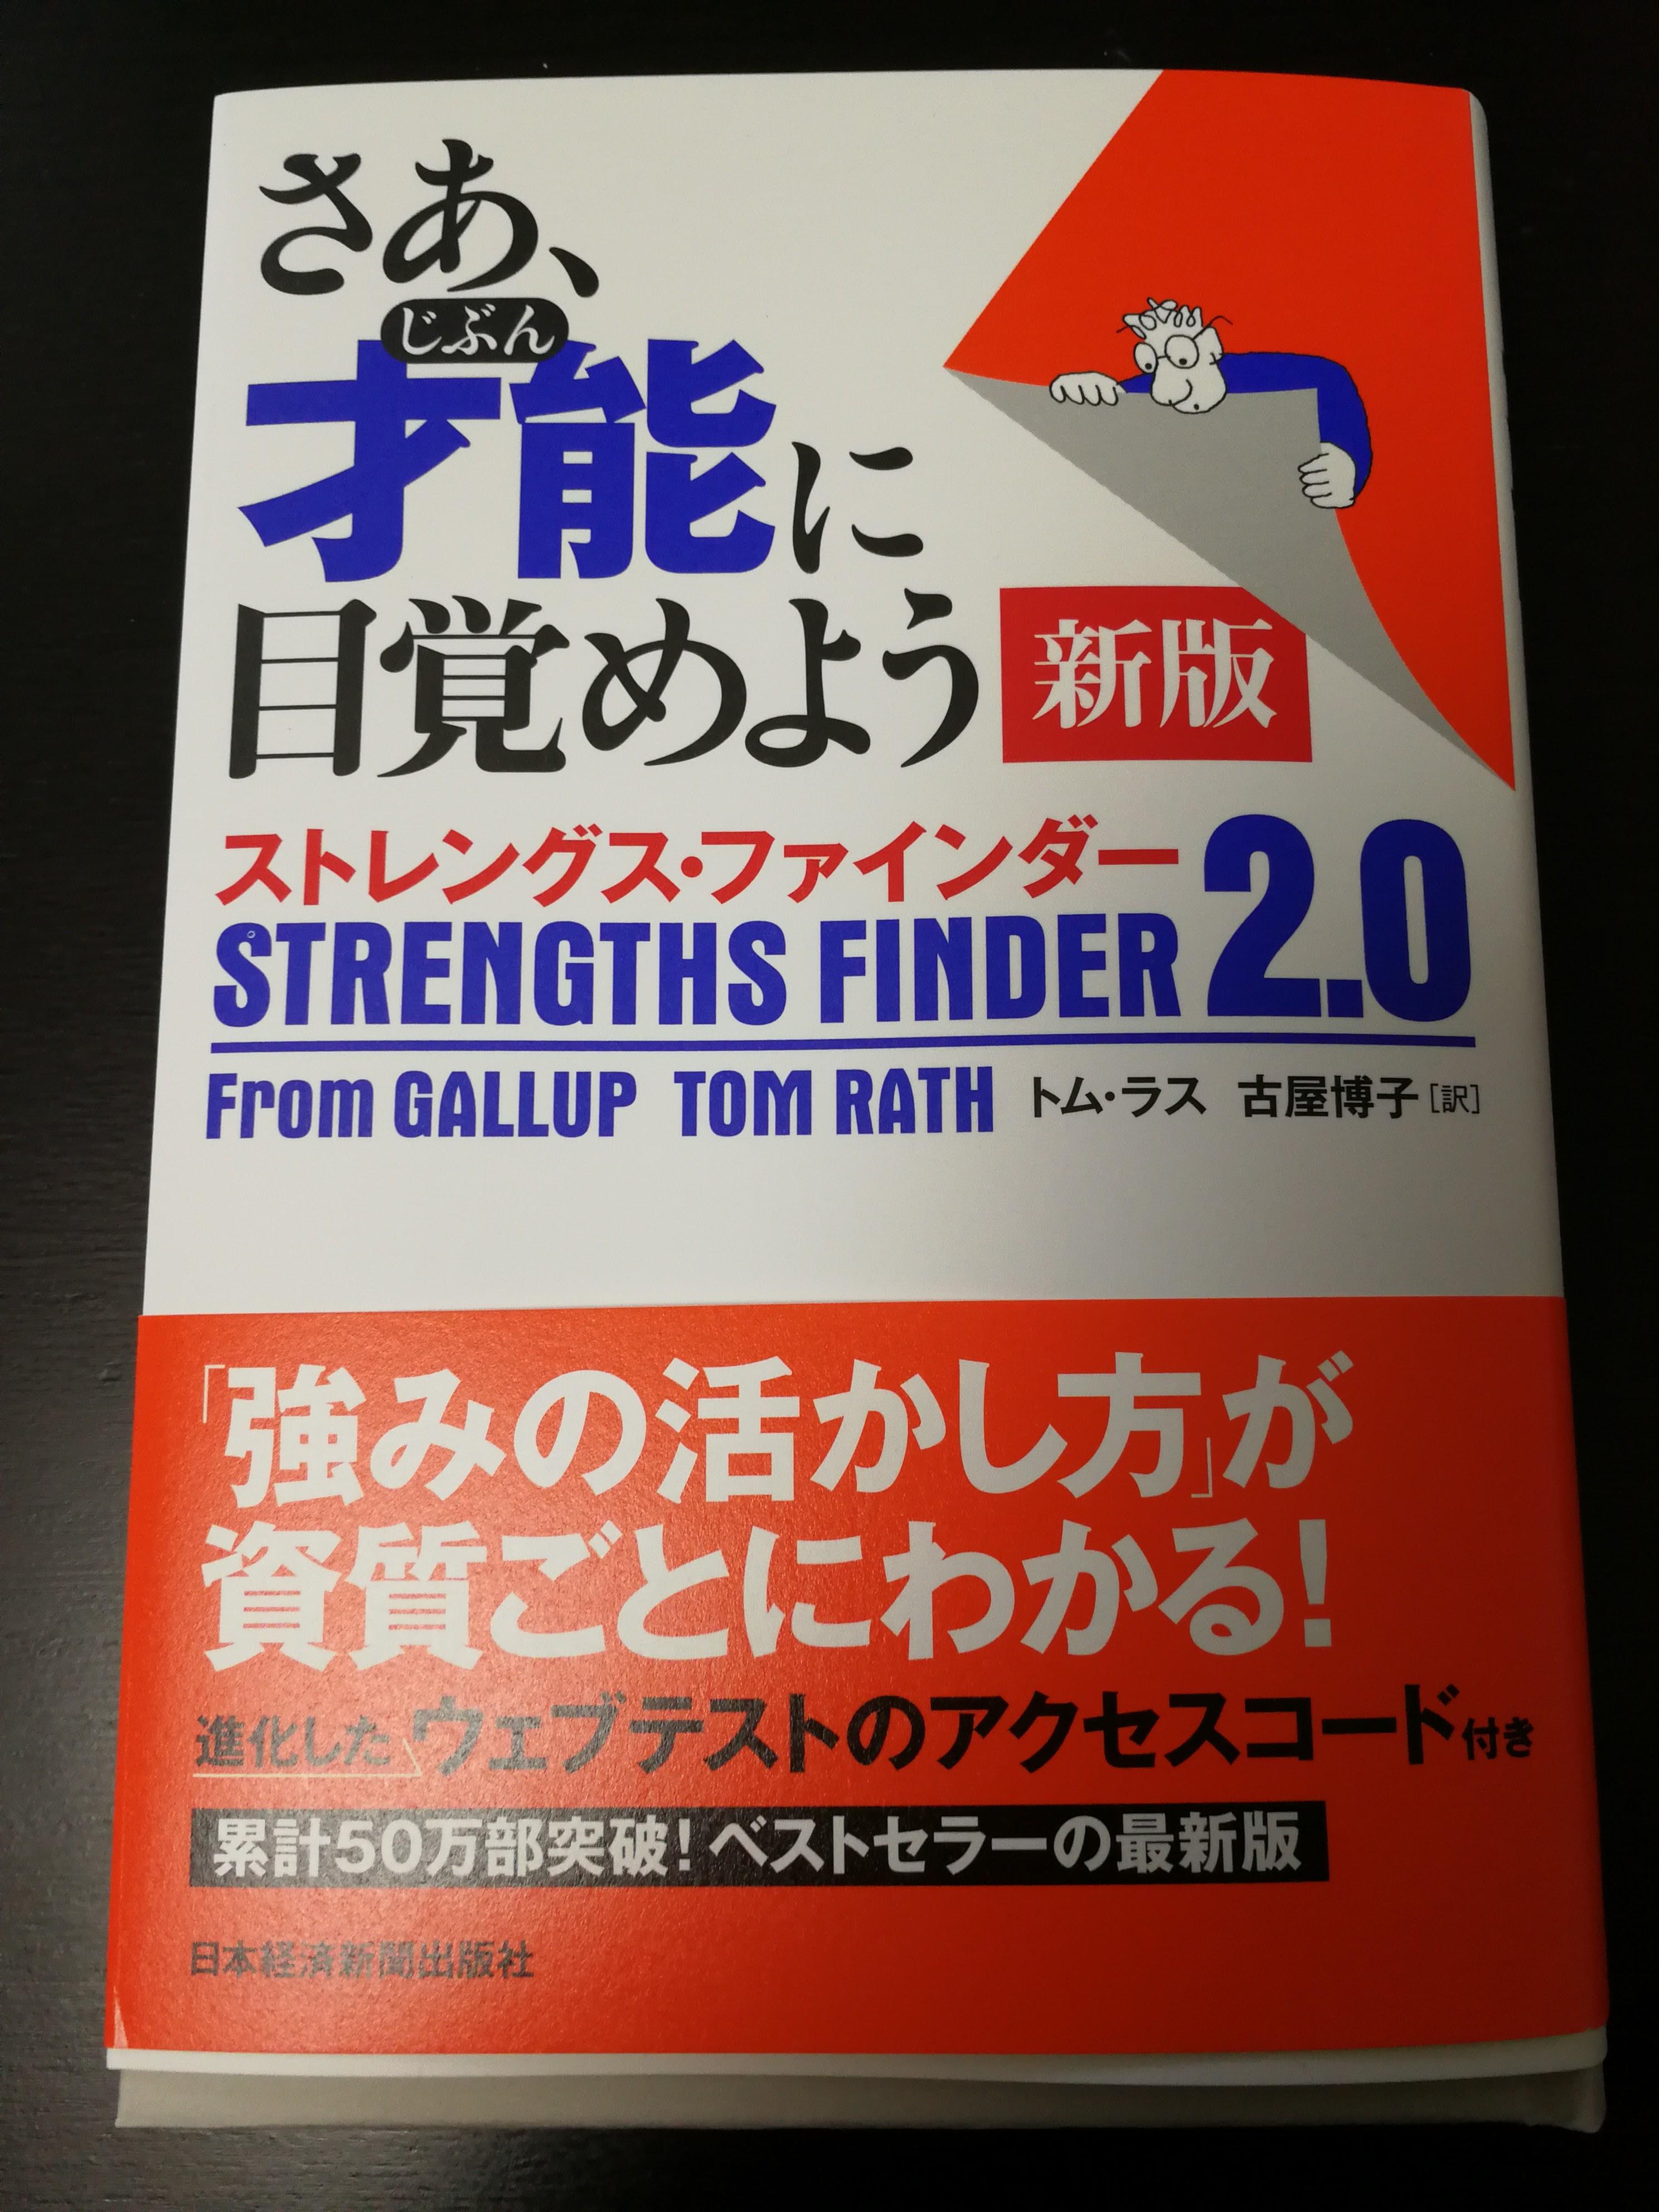 ストレングス・ファインダー 2.0_1